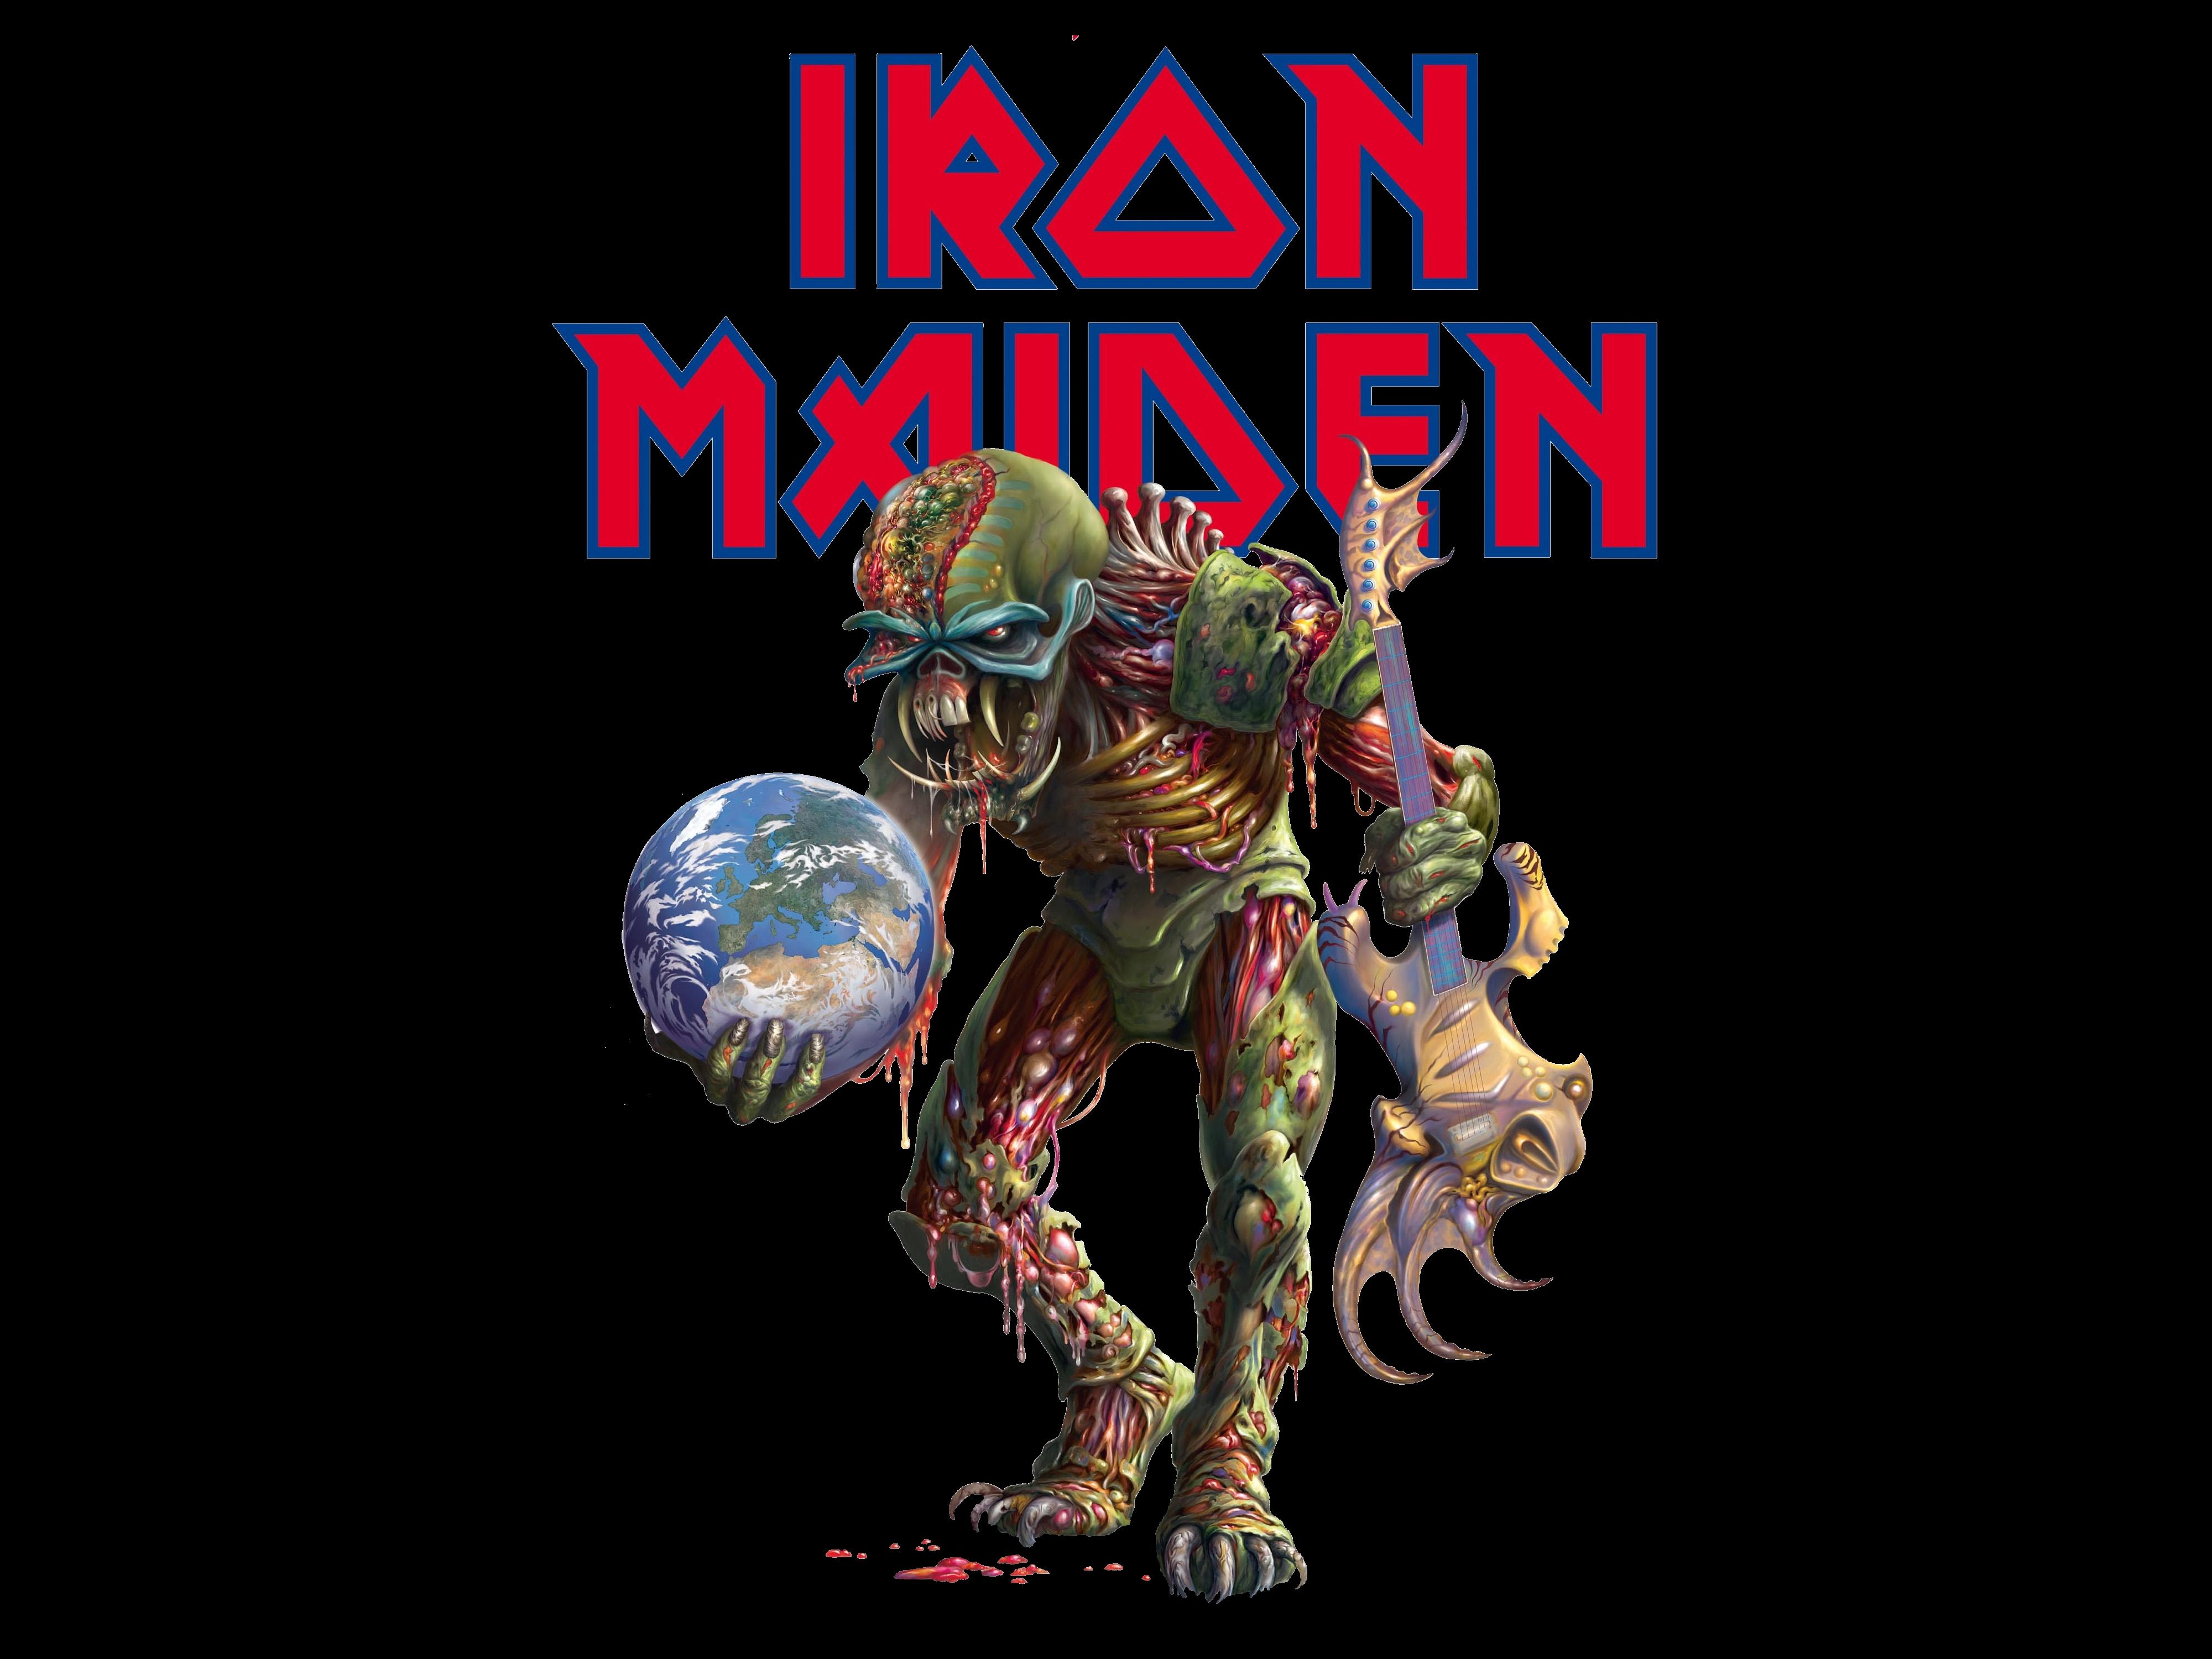 Imágenes De Iron Maiden Para Whatsapp En Hd Fondos